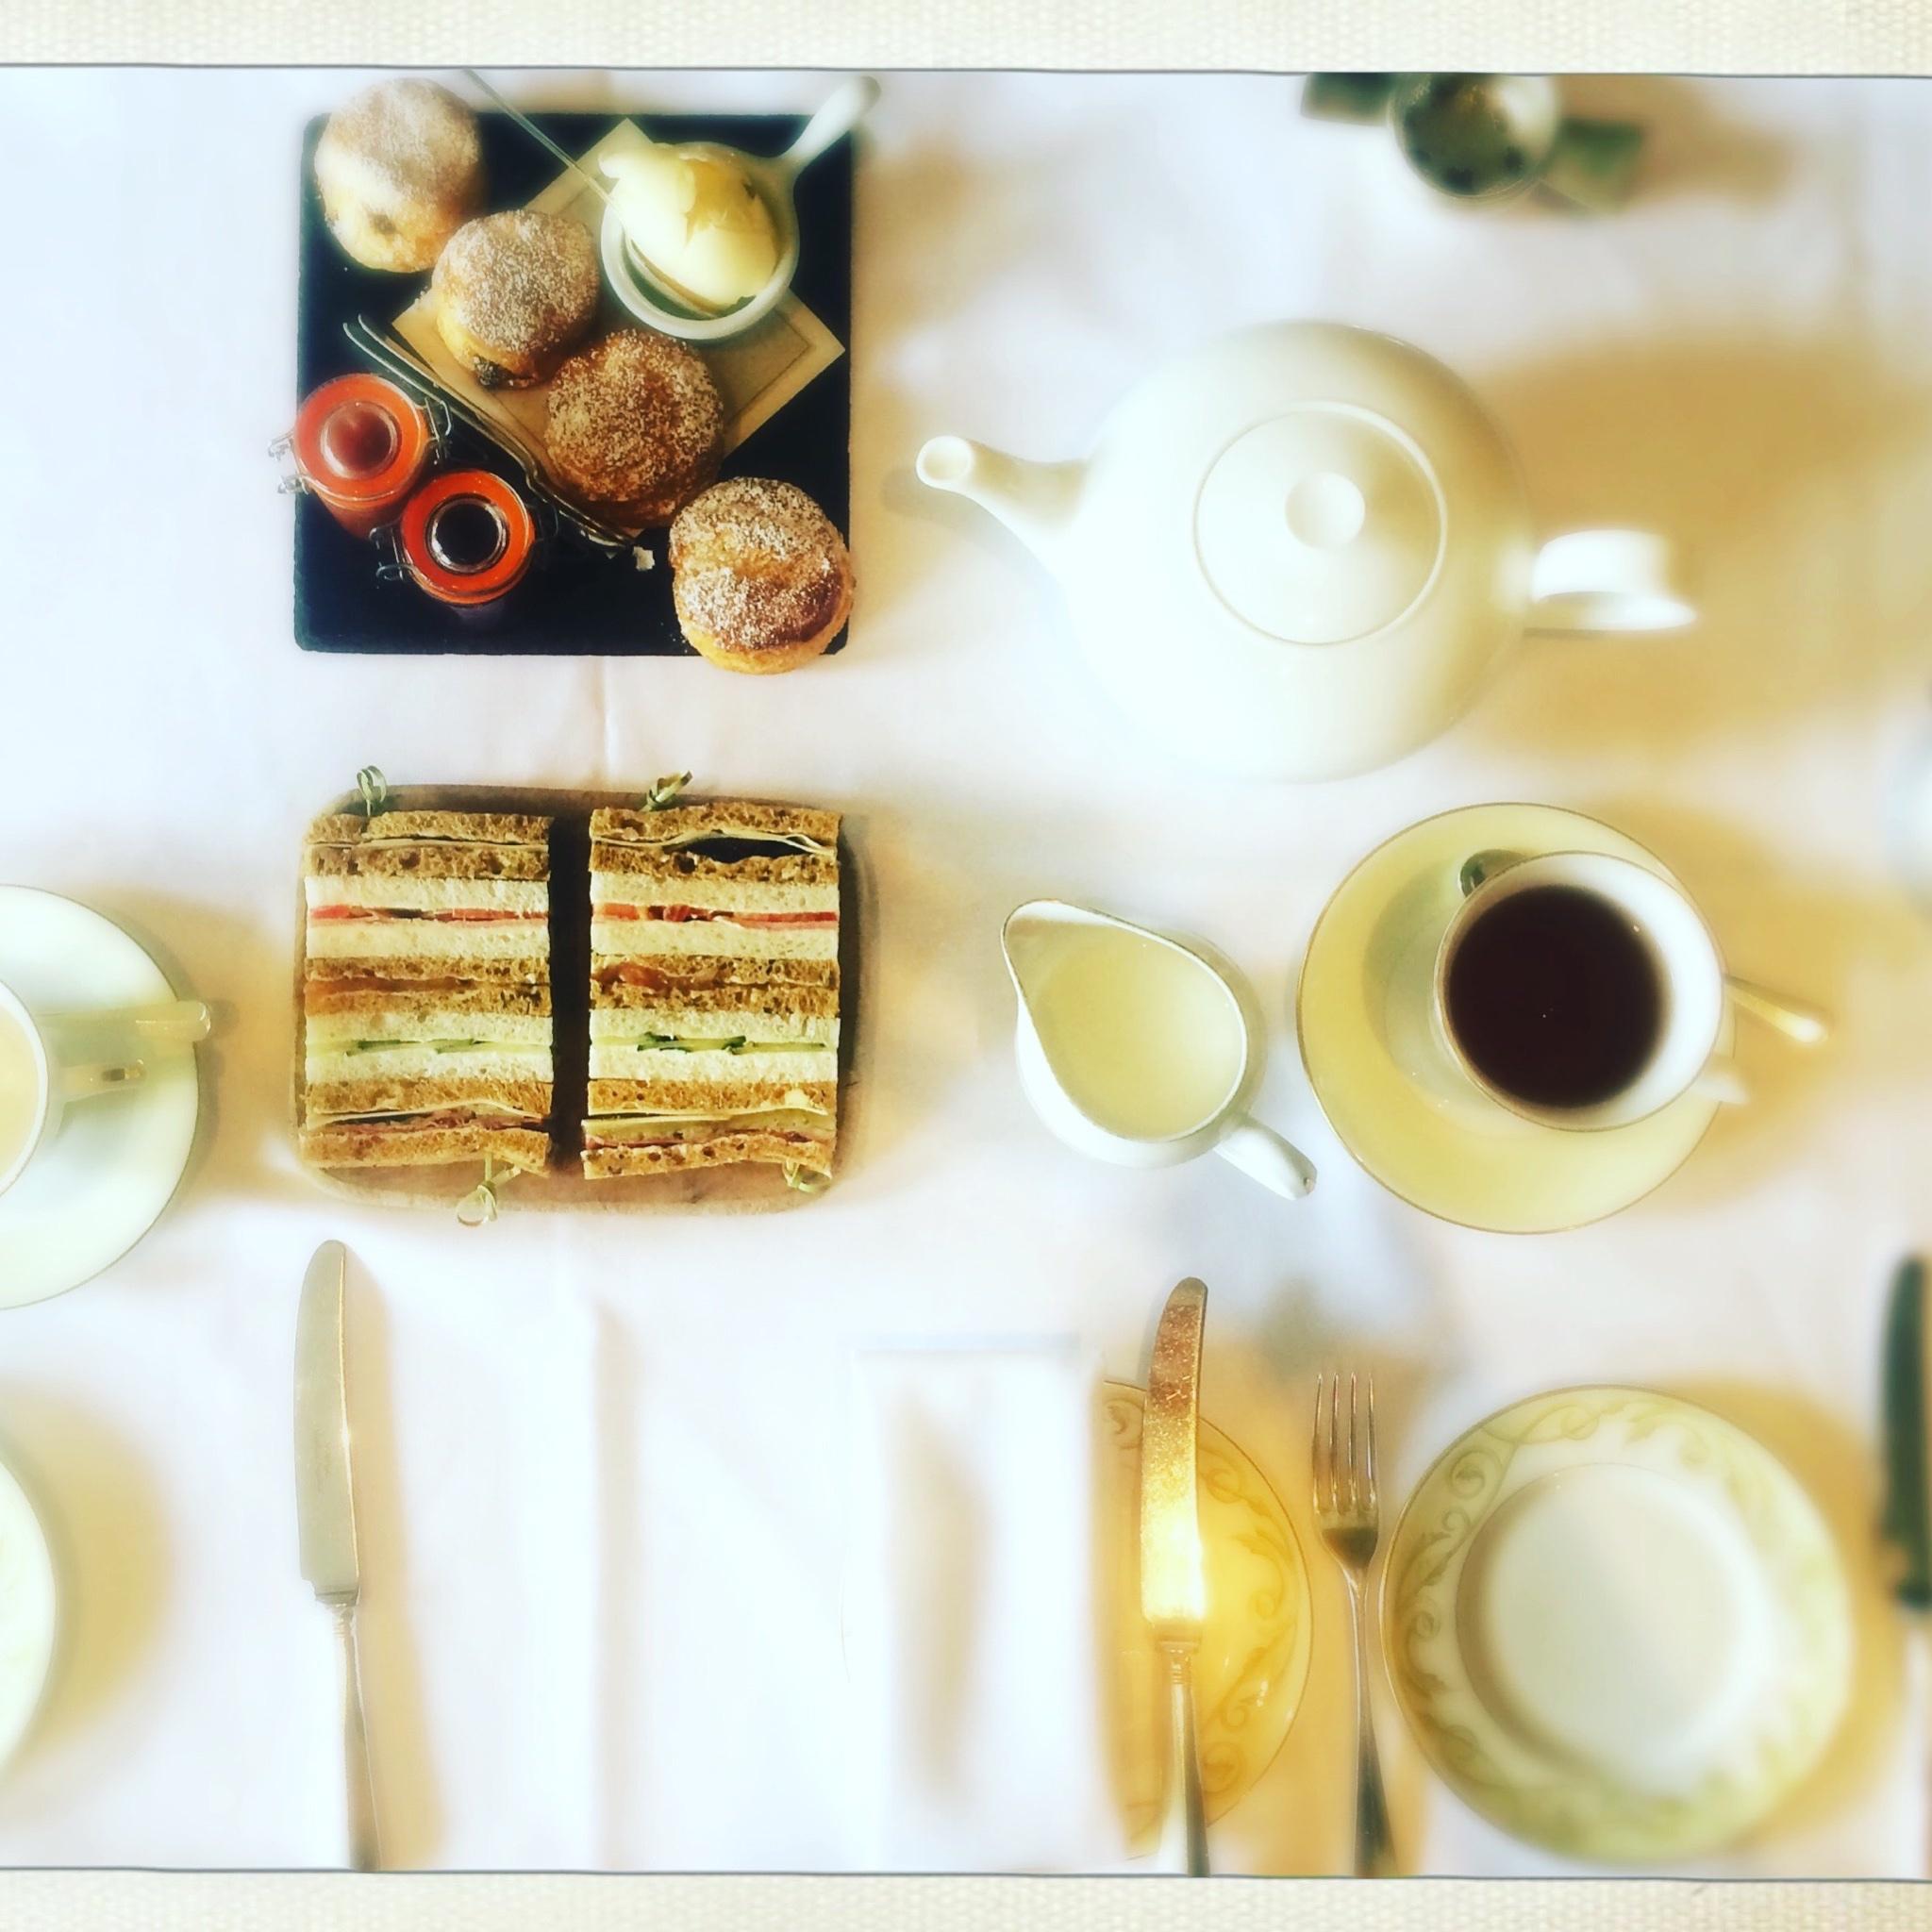 Teatime,für mich   überra  schend reichhaltig. Und extrem lecker!Beim anschließenden Abendessen im Hotel war ich etwas lustlos. Sehr schade, denn das Restaurant ist wirklich exzellent.